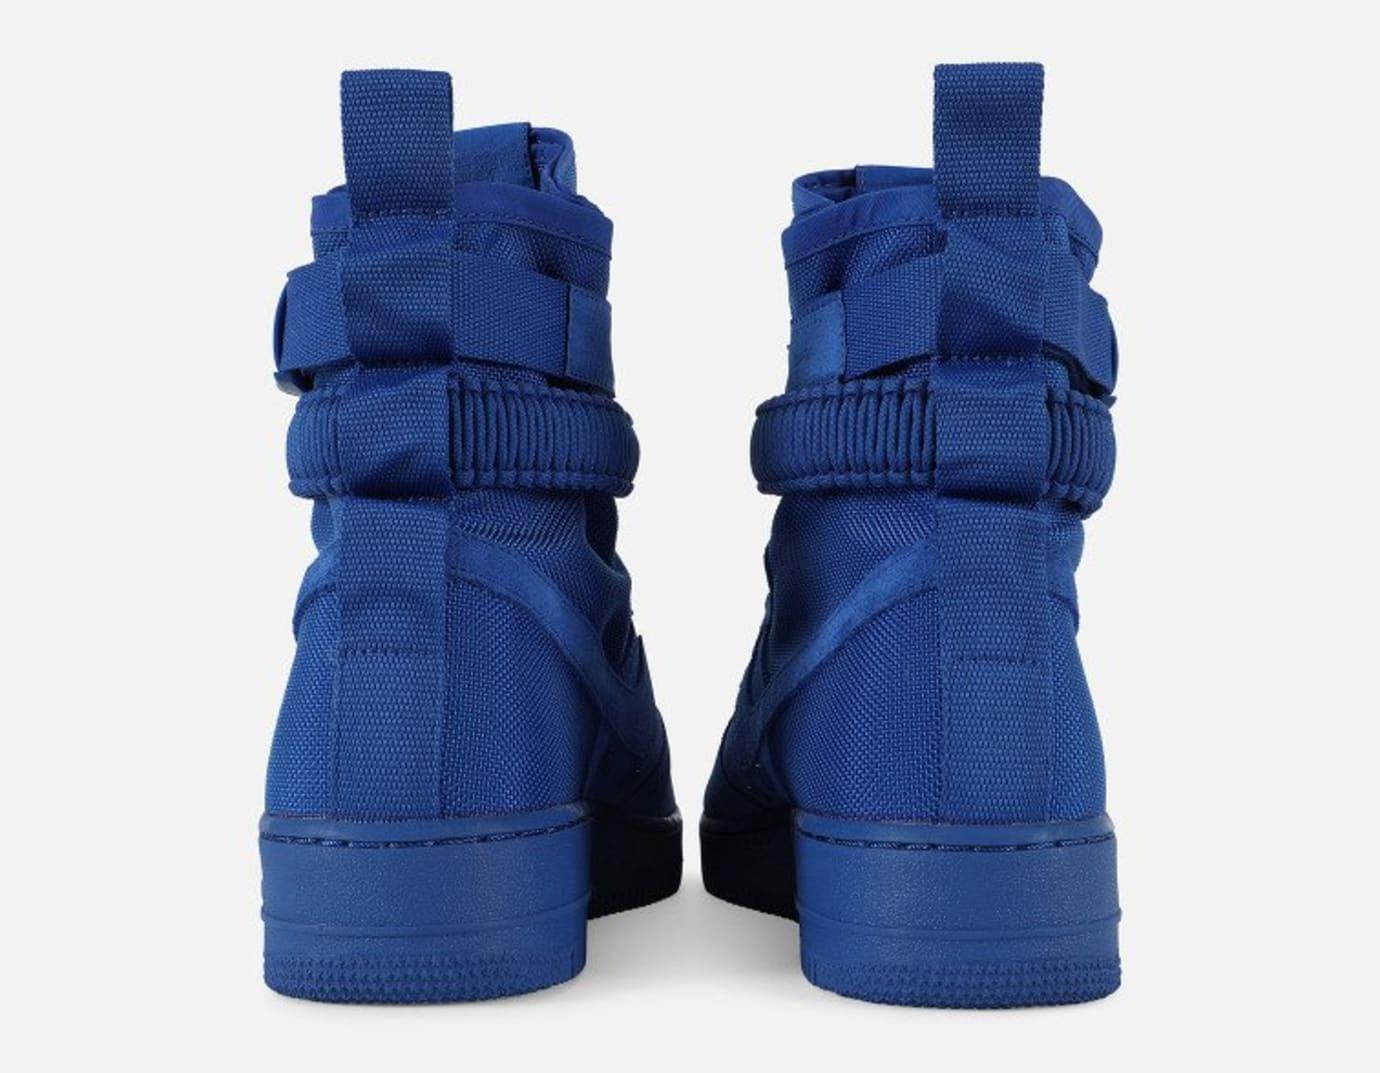 Nike SF Air Force 1 Blue Suede Release Date 864024-401 Heel